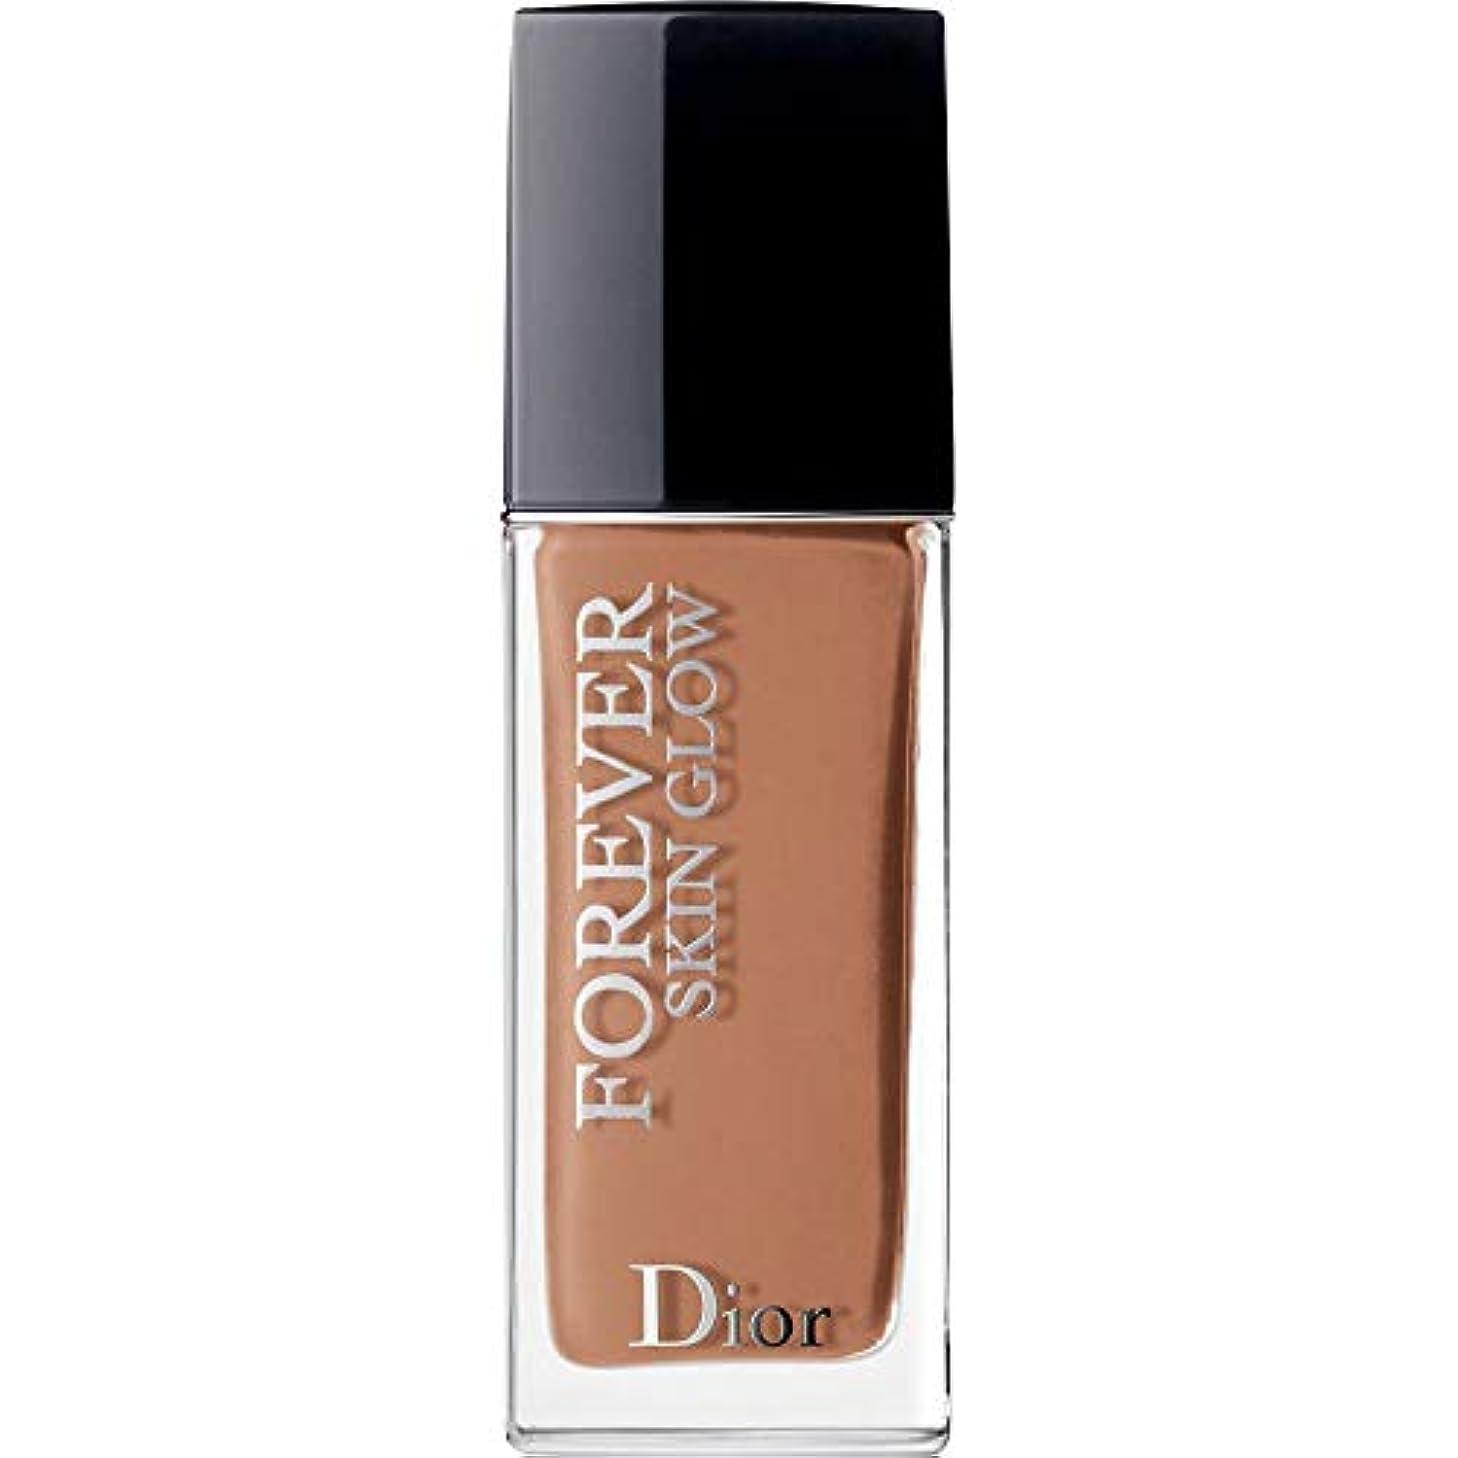 役割明確ににもかかわらず[DIOR] ディオール永遠に皮膚グロー皮膚思いやりの基礎Spf35 30ミリリットルの5N - ニュートラル(肌の輝き) - DIOR Forever Skin Glow Skin-Caring Foundation...